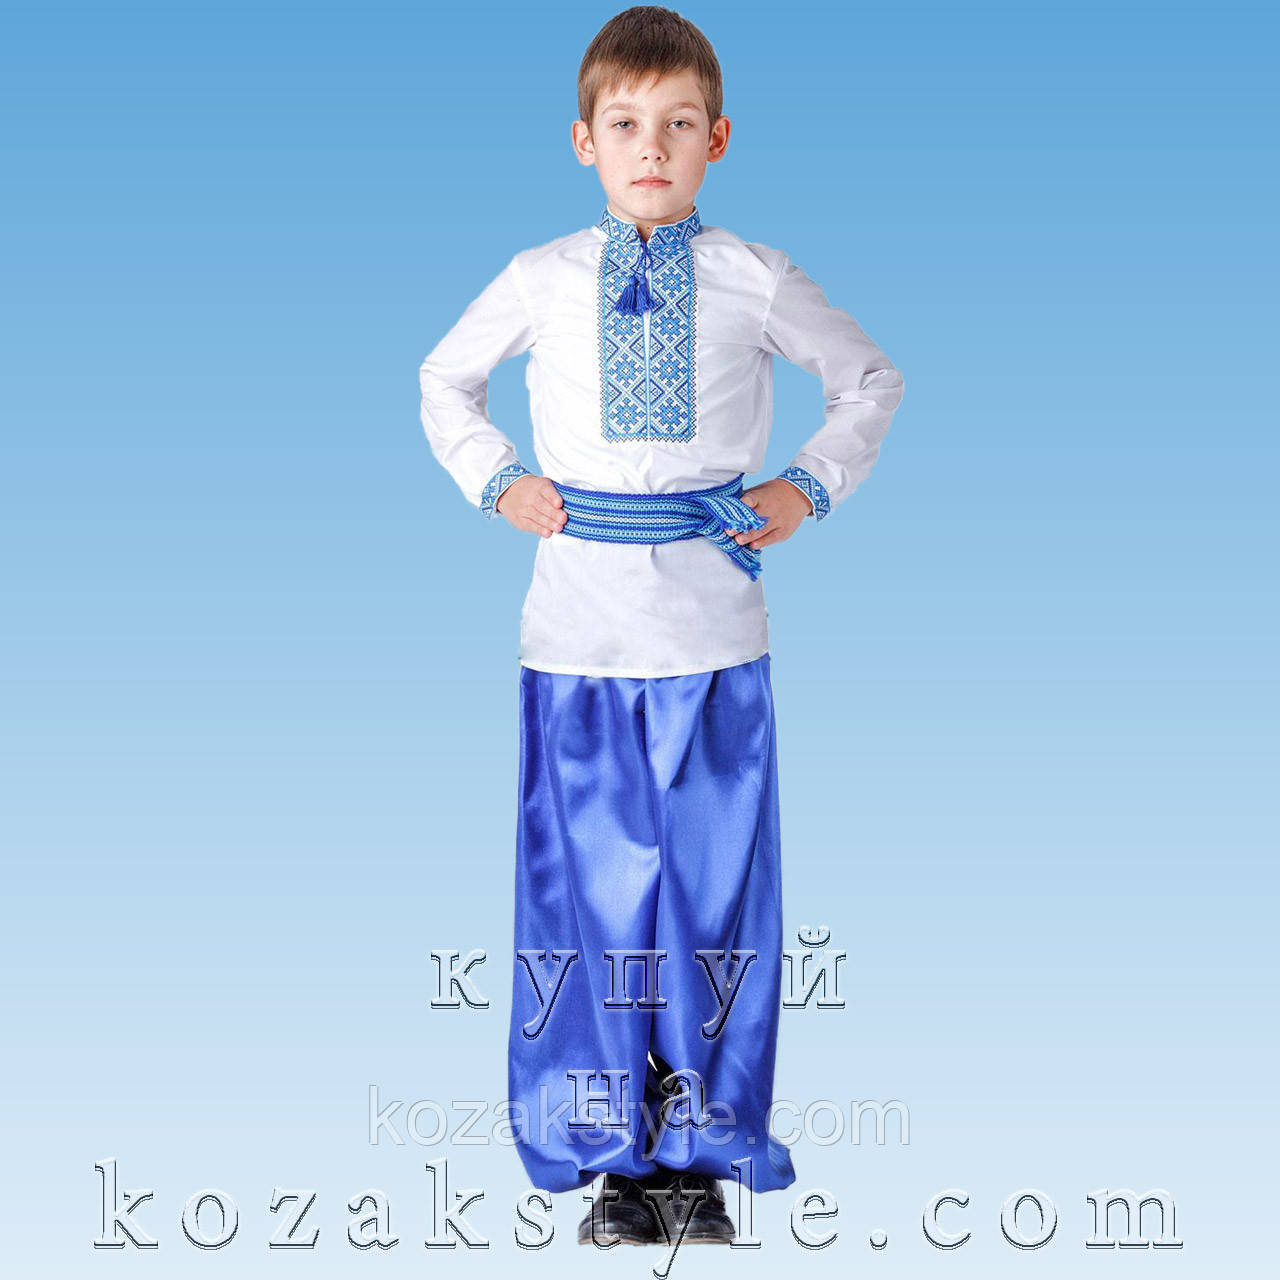 Костюм український для хлопчика синій ( від 9 по 12 років)  продажа ... 13681b0751522